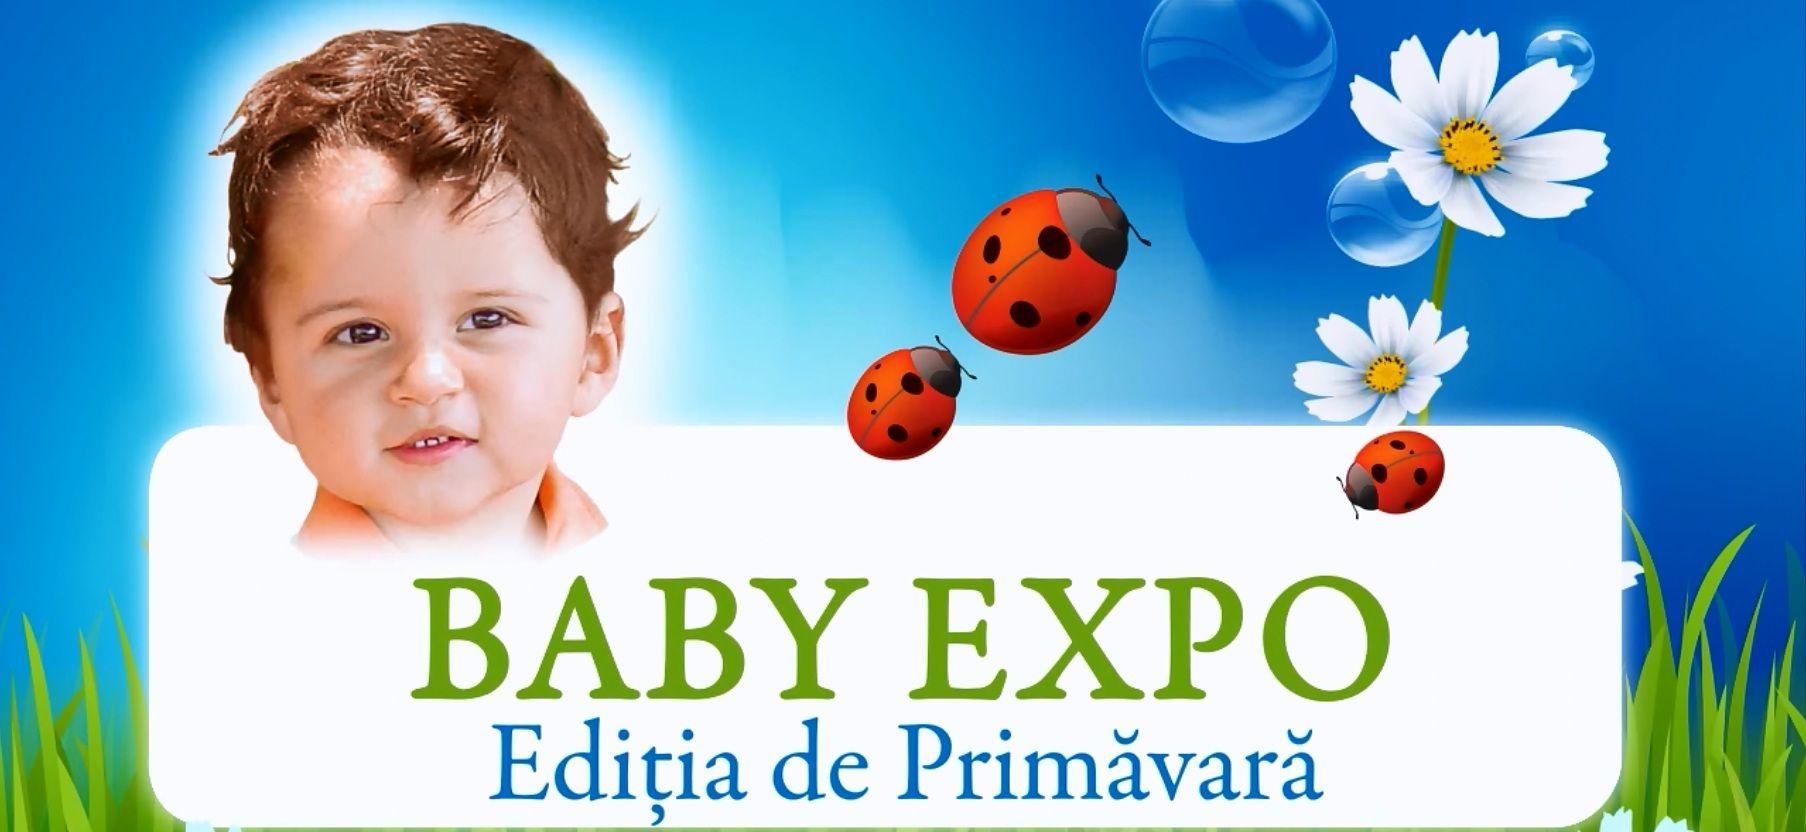 Sfatulparintilor.ro - BABY EXPO - Editia de Primavara